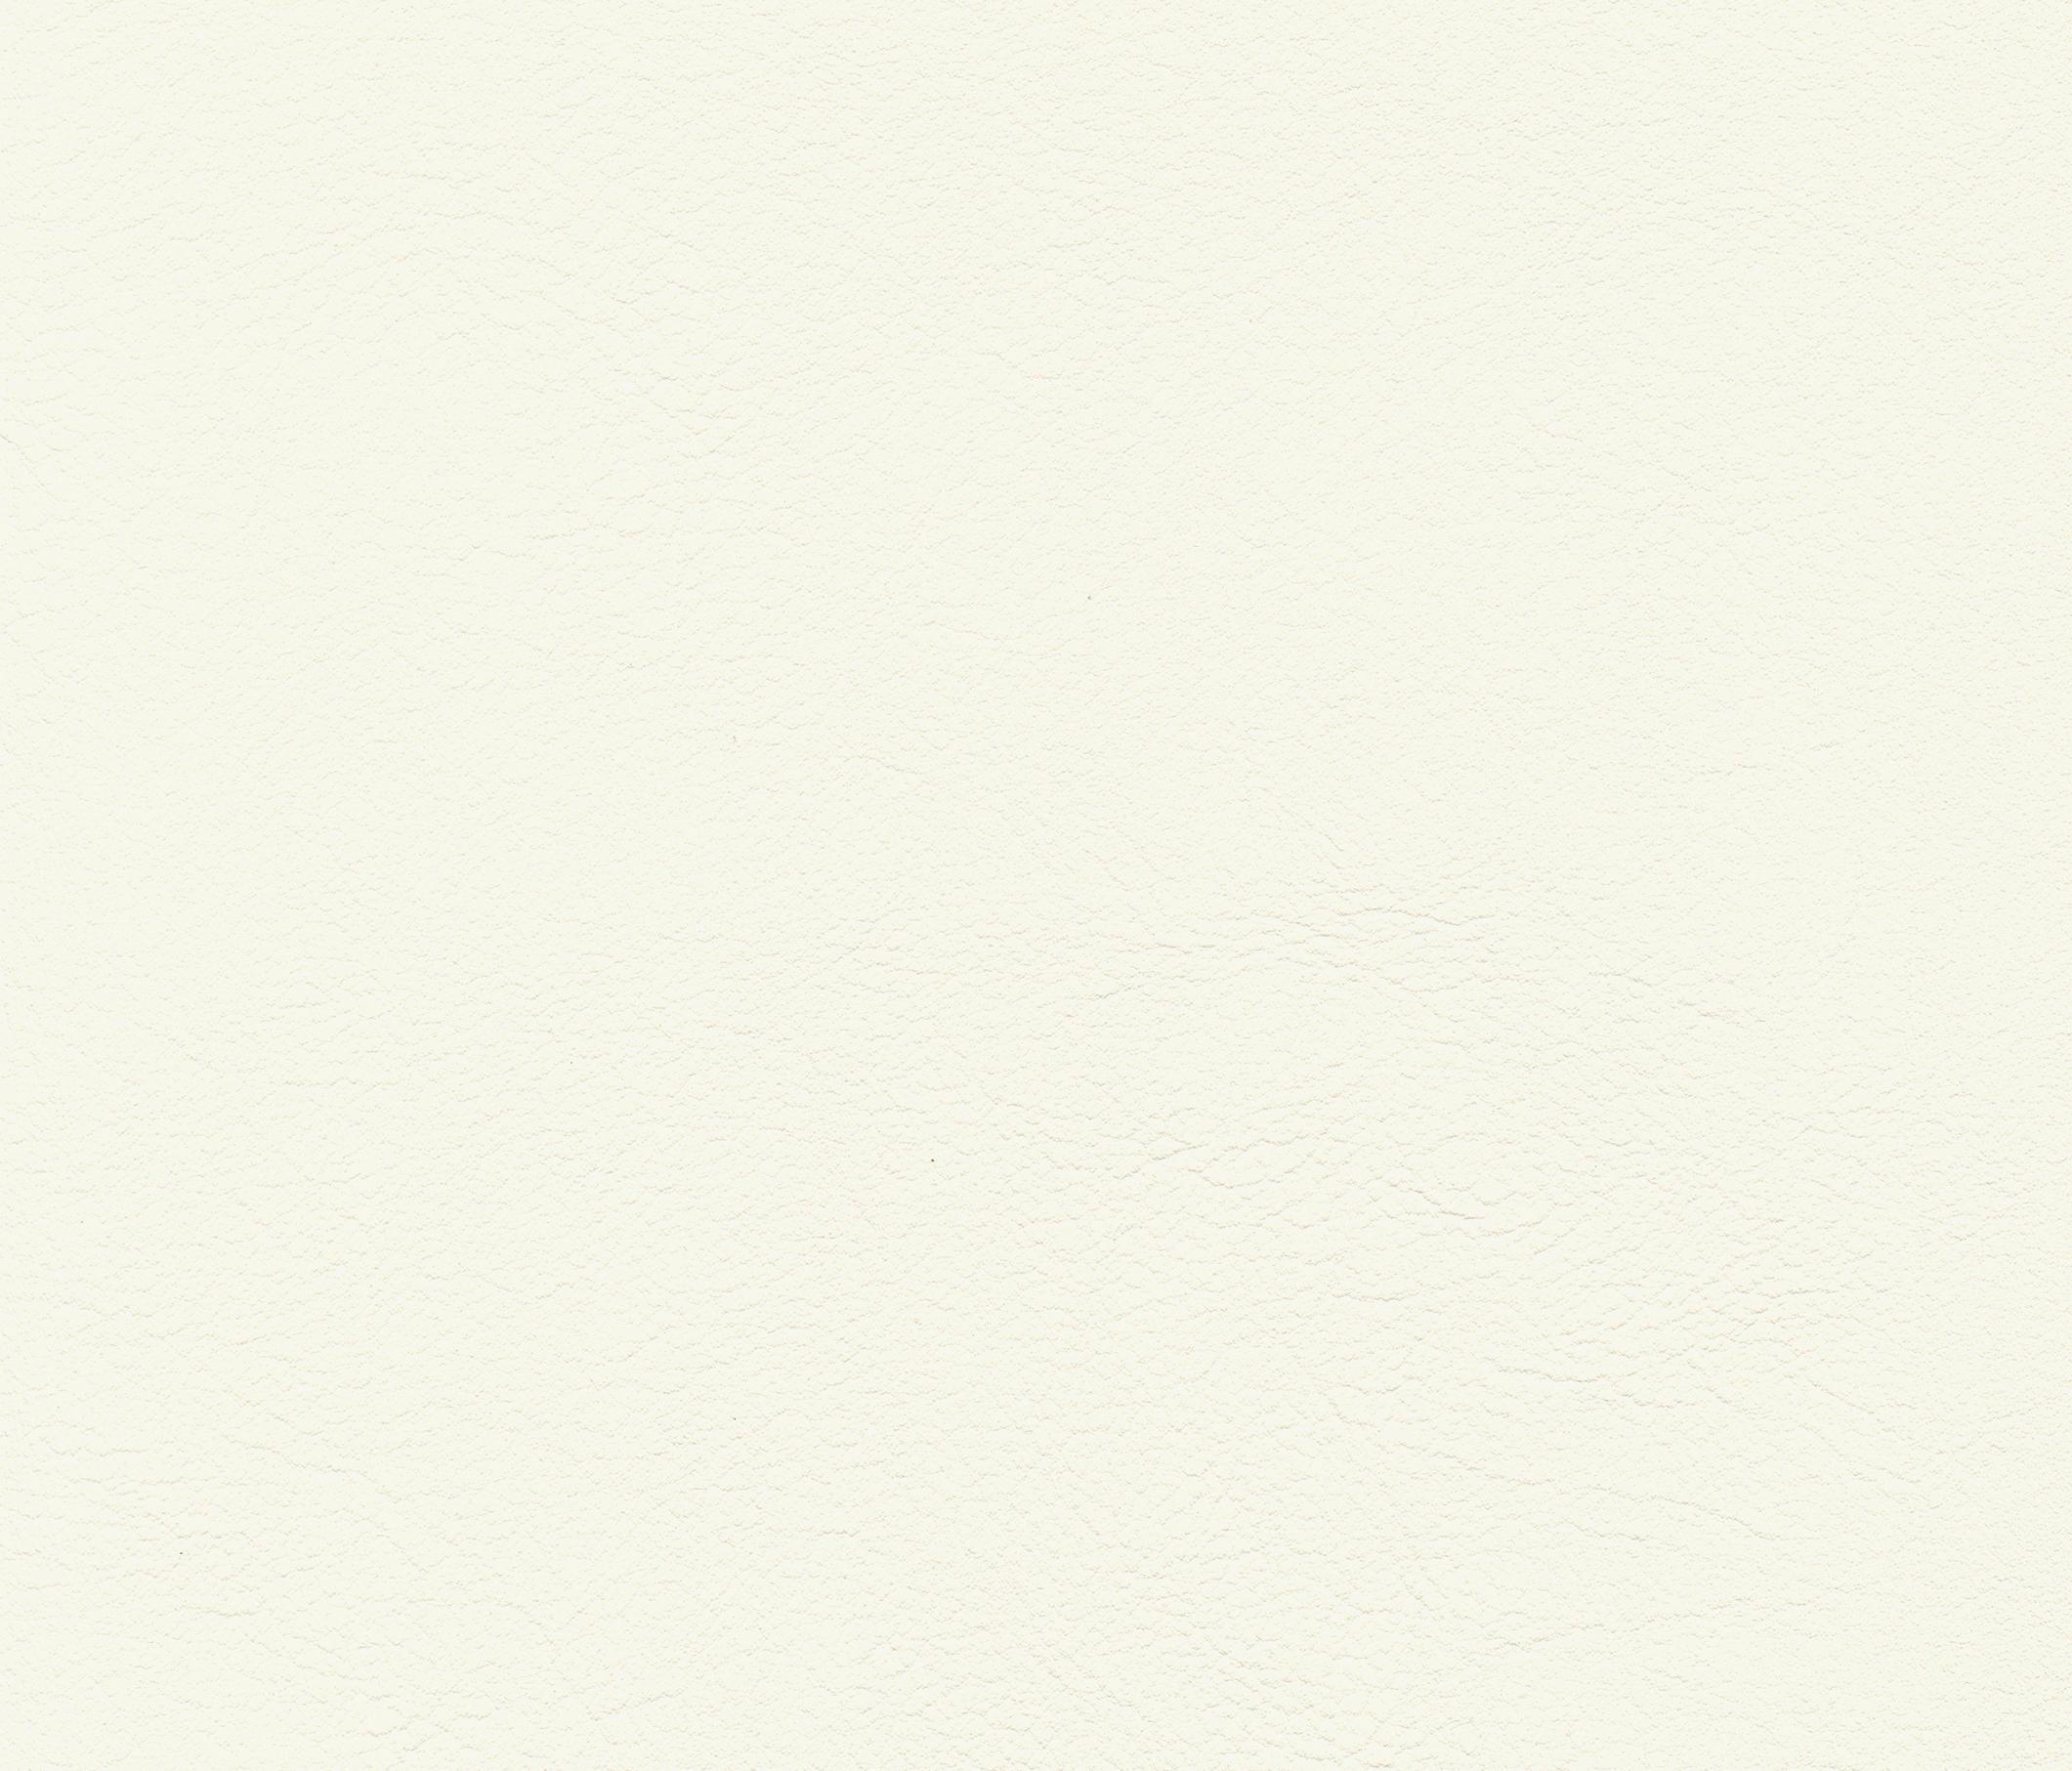 SKAI EVIDA WHITE - Kunstleder von Hornschuch | Architonic Hornschuch Skai